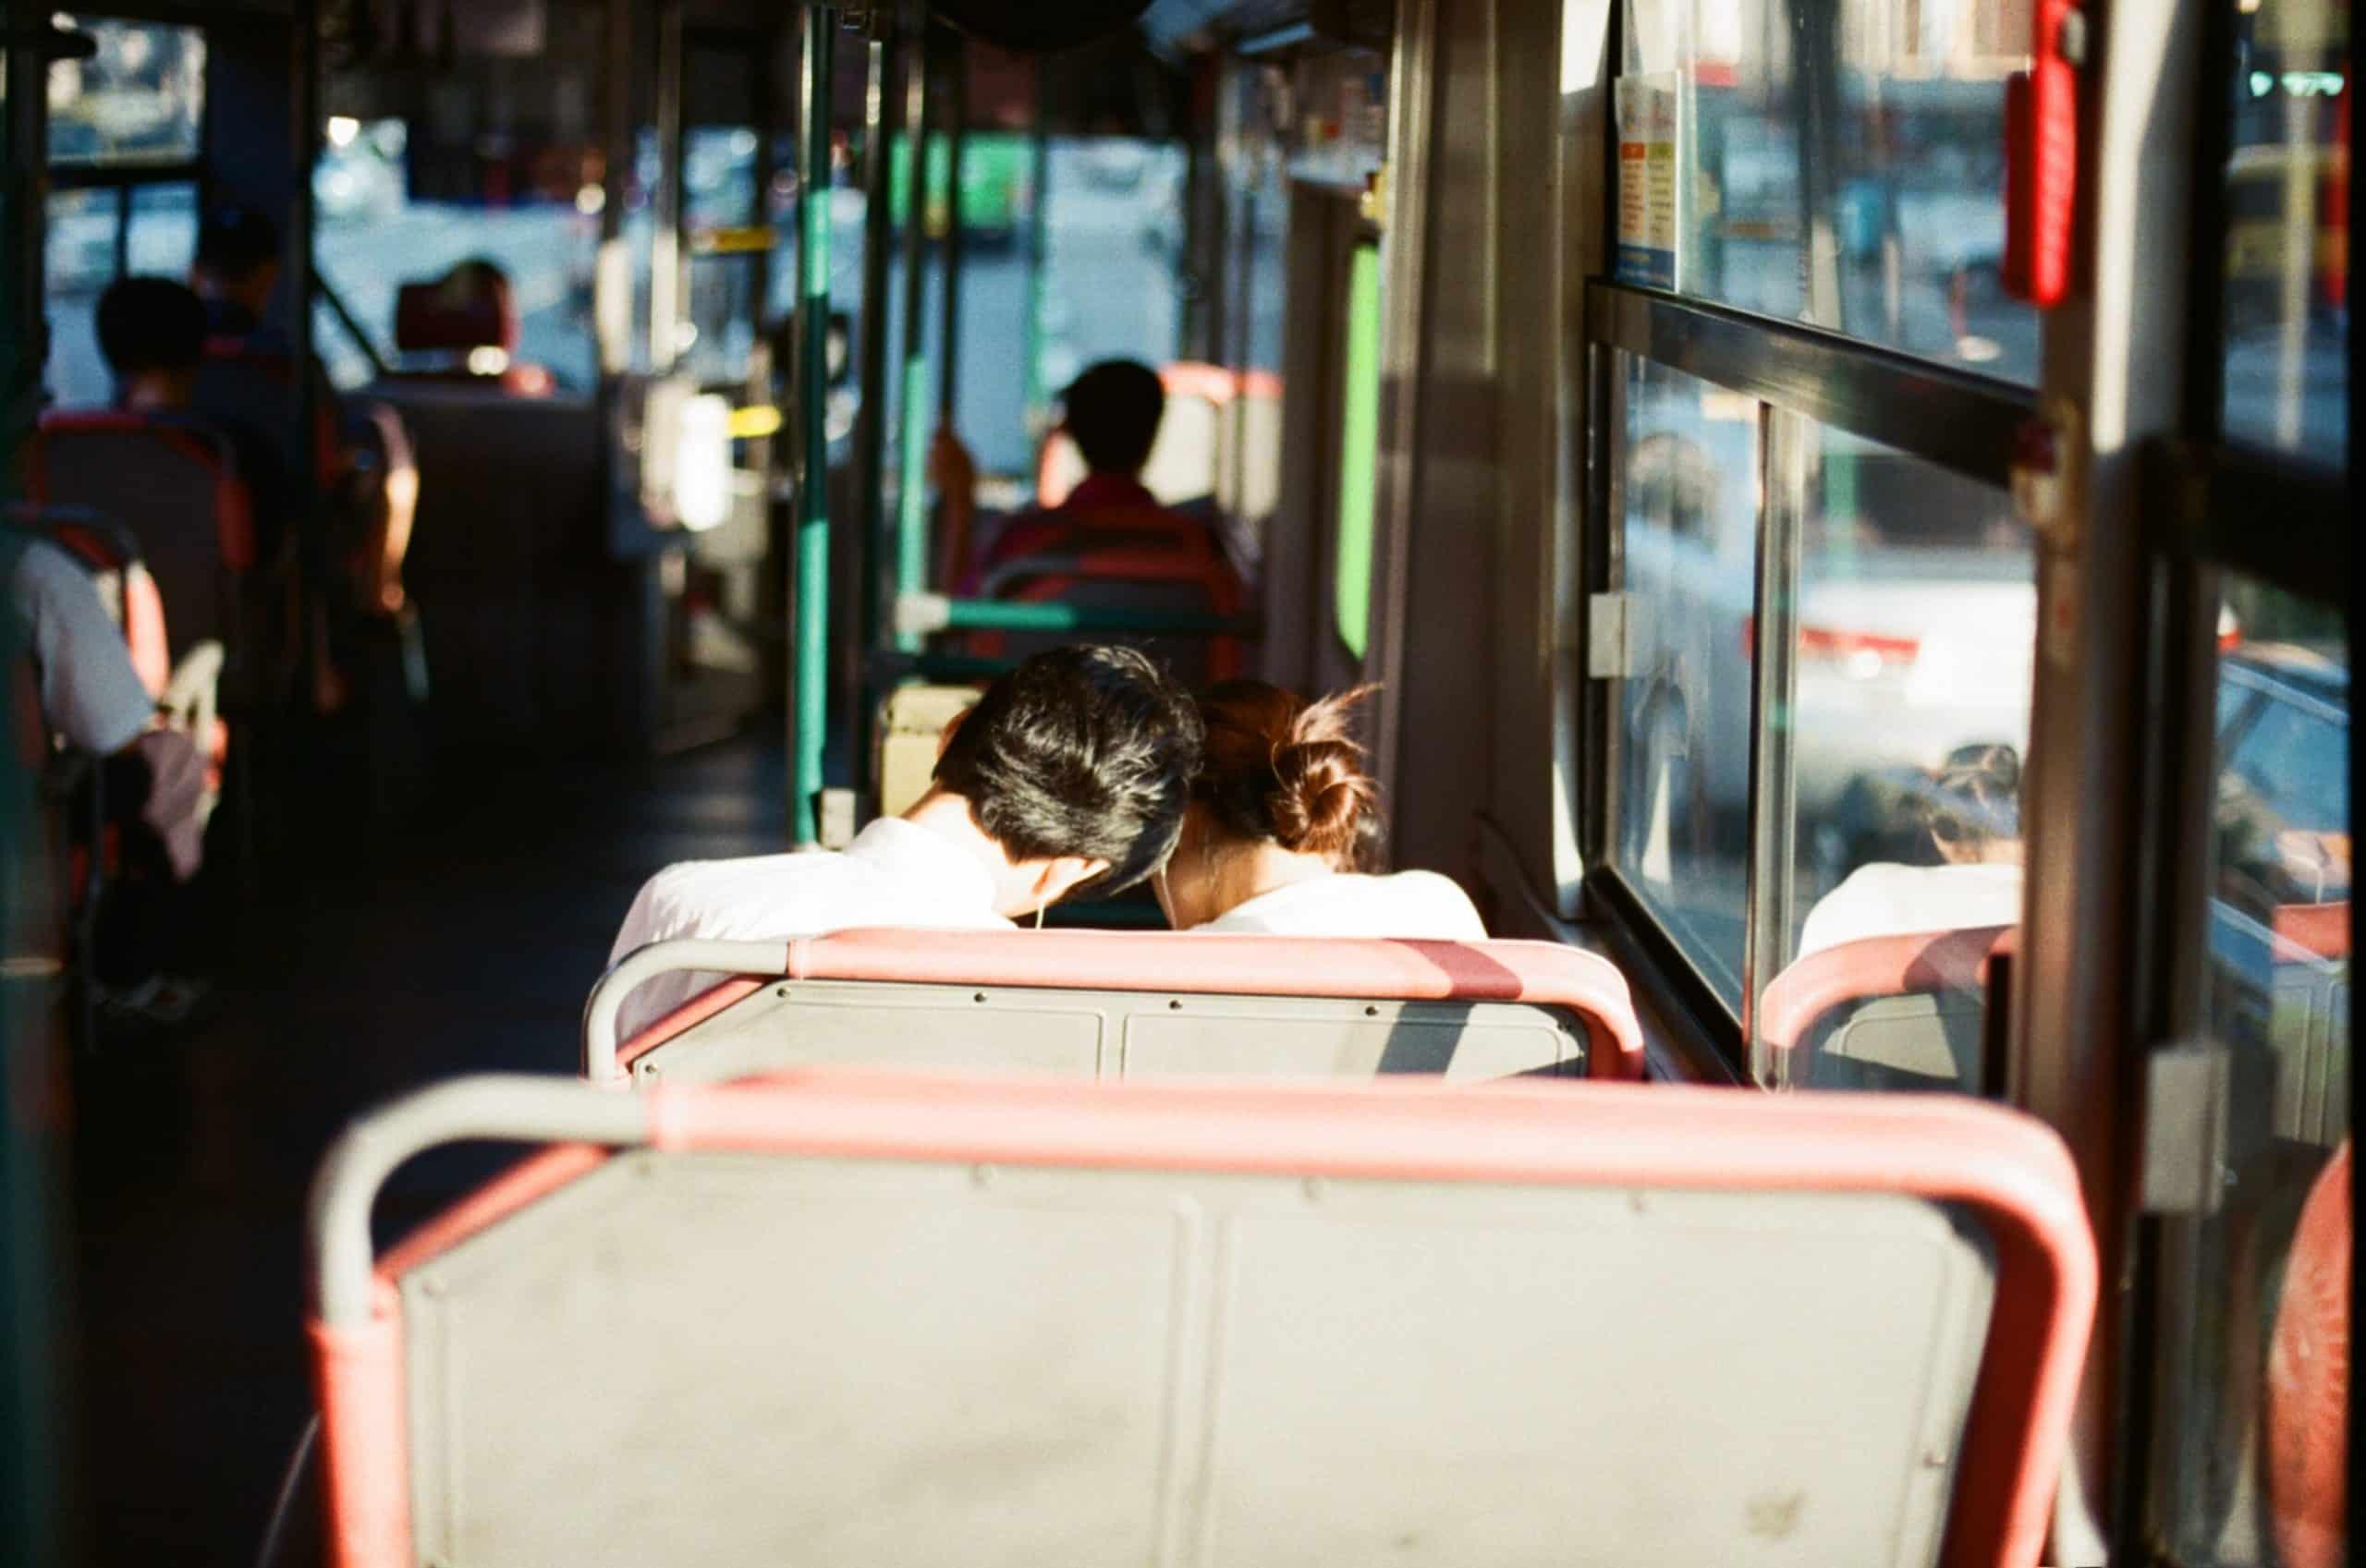 Transportistas / Photo by E Fernandez on Unsplash